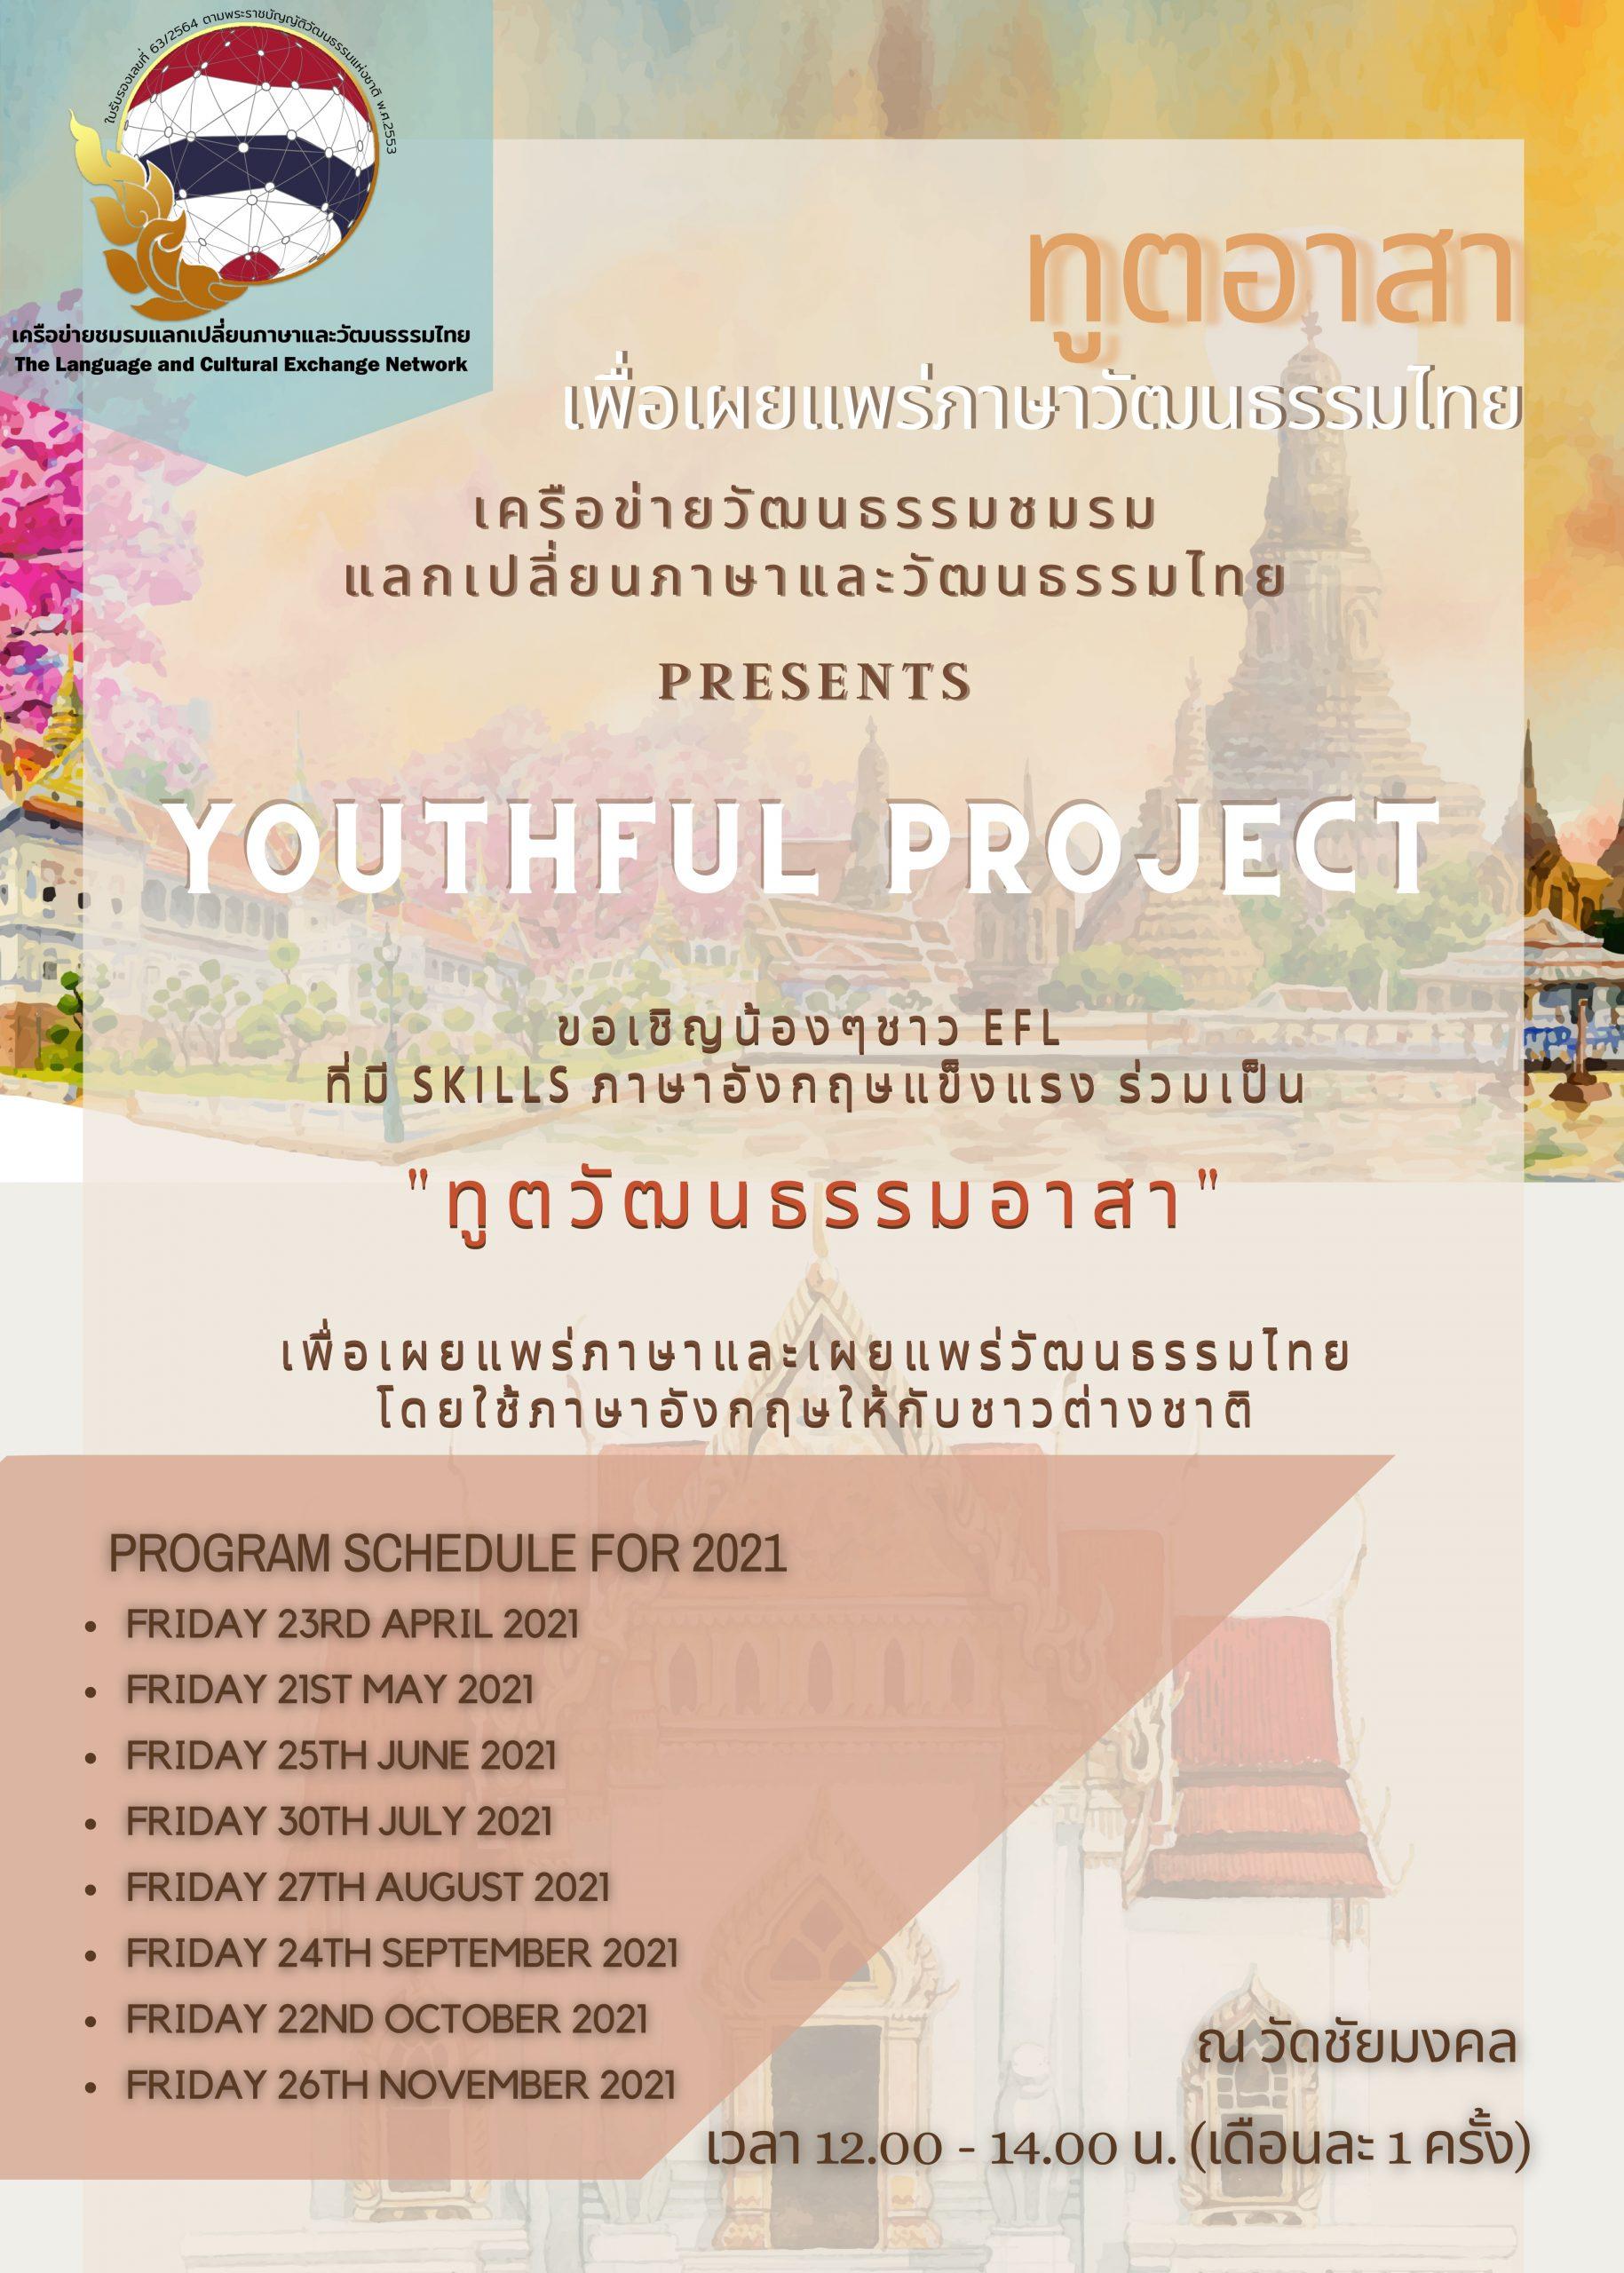 โครงการ ทูตอาสา เพื่อเผยแพร้วัฒนธรรมไทย